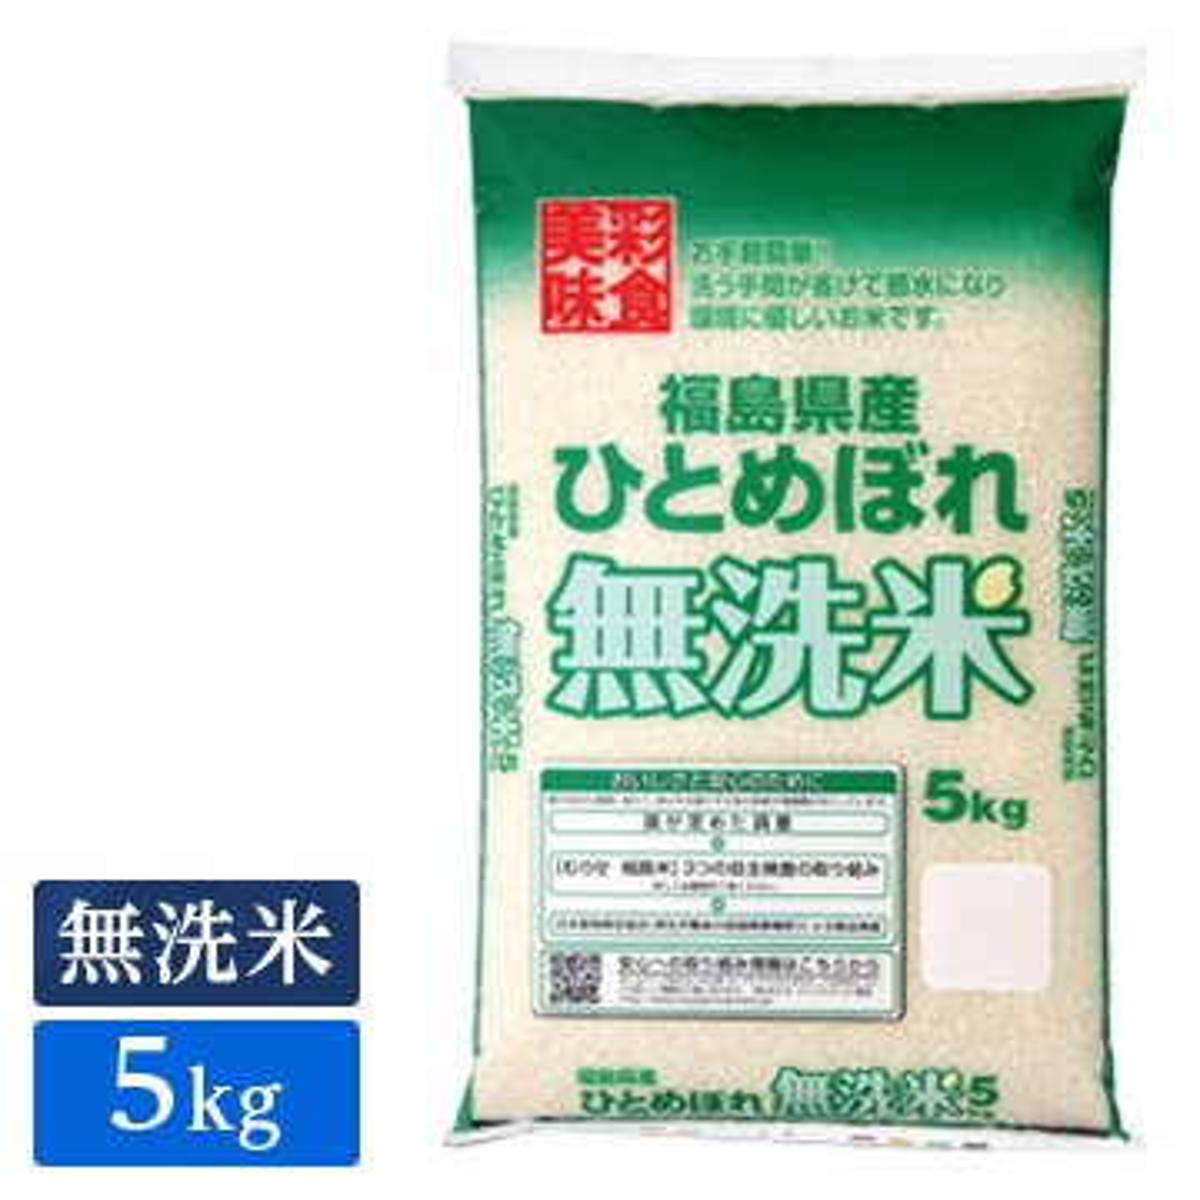 むらせライス ■【精米】【無洗米】令和元年産 福島ひとめぼれ 5kg 21965